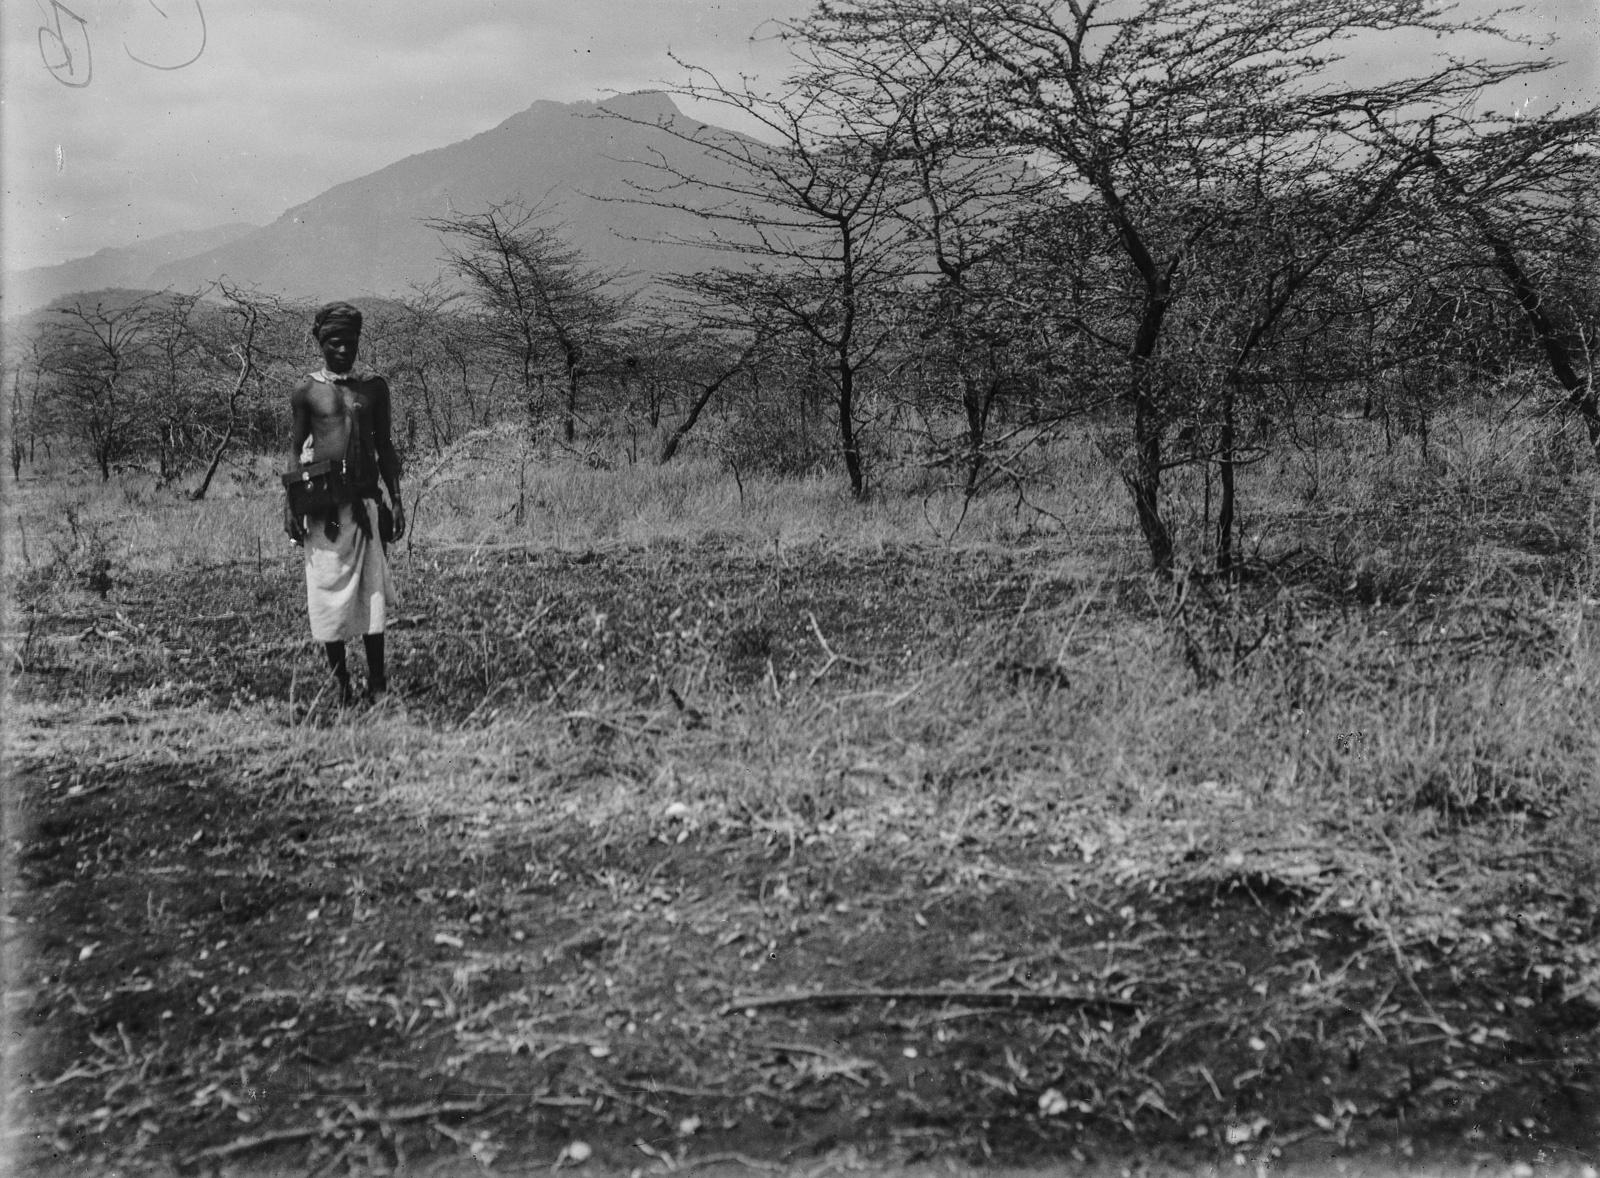 253. Портрет мужчины в степях гор Паре